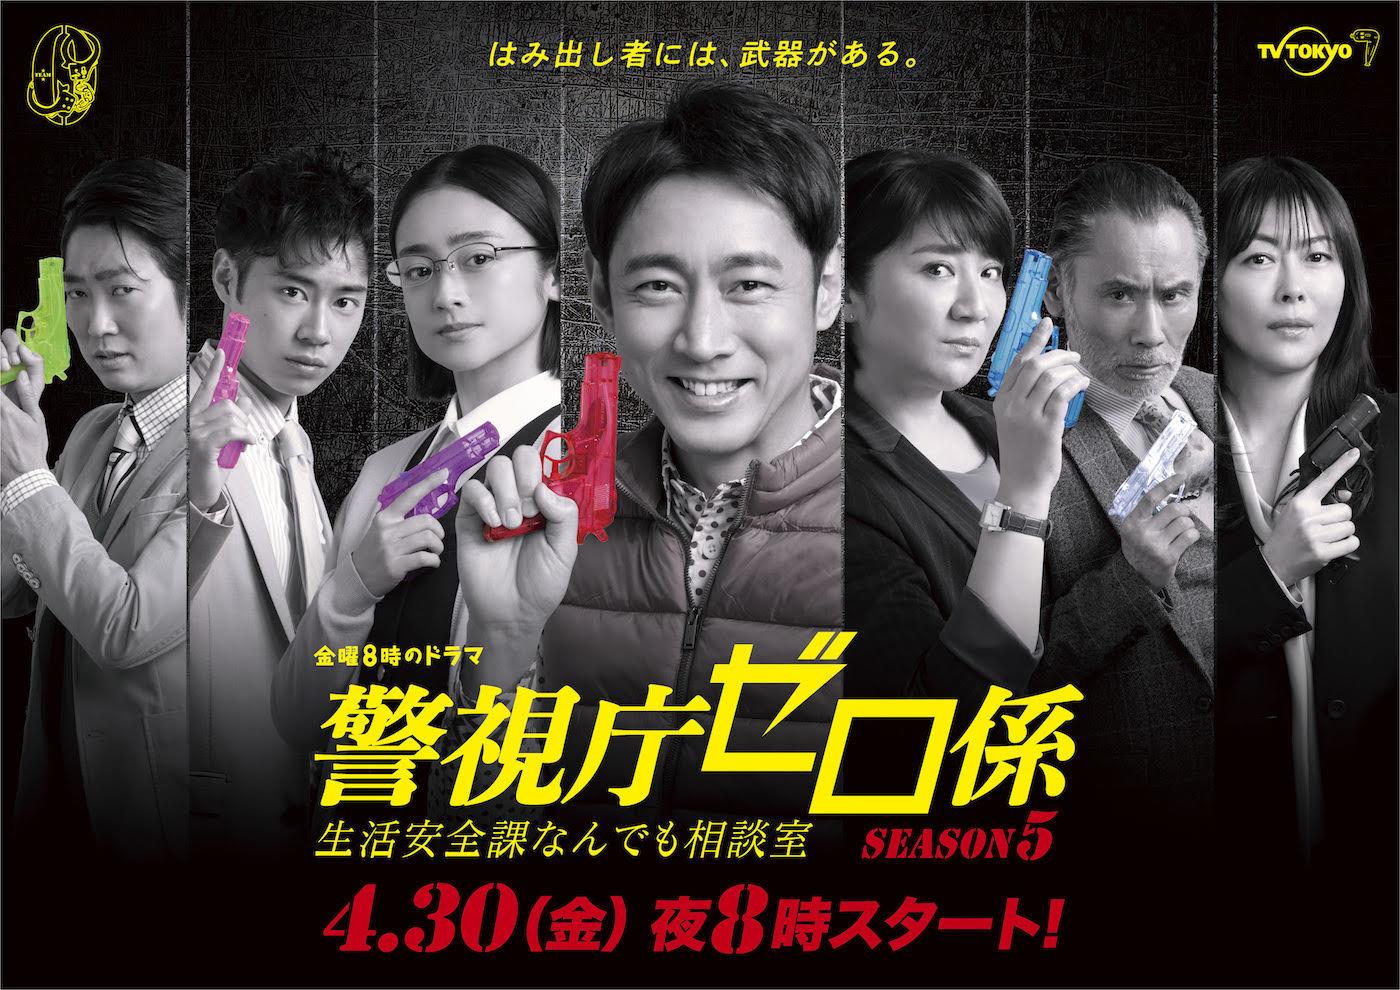 『警視庁ゼロ係〜生活安全課なんでも相談室〜SEASON5』  (C)テレビ東京